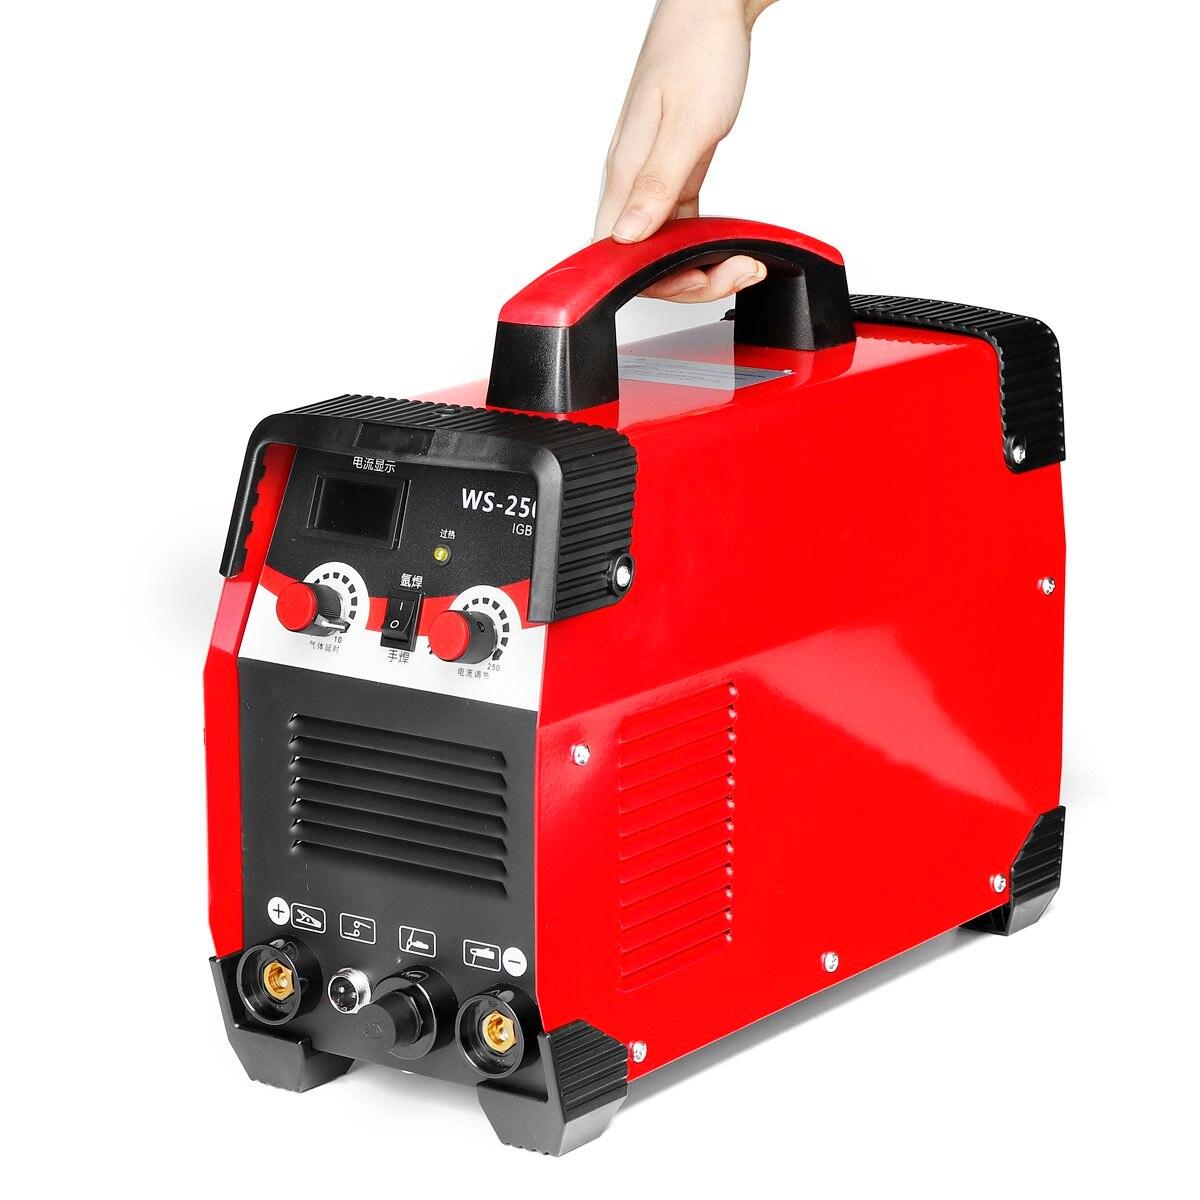 2в1 220 В 7700 Вт TIG/ARC Электрический сварочный аппарат 20-250A MMA IGBT STICK инвертор для сварки рабочих и электрических рабочих